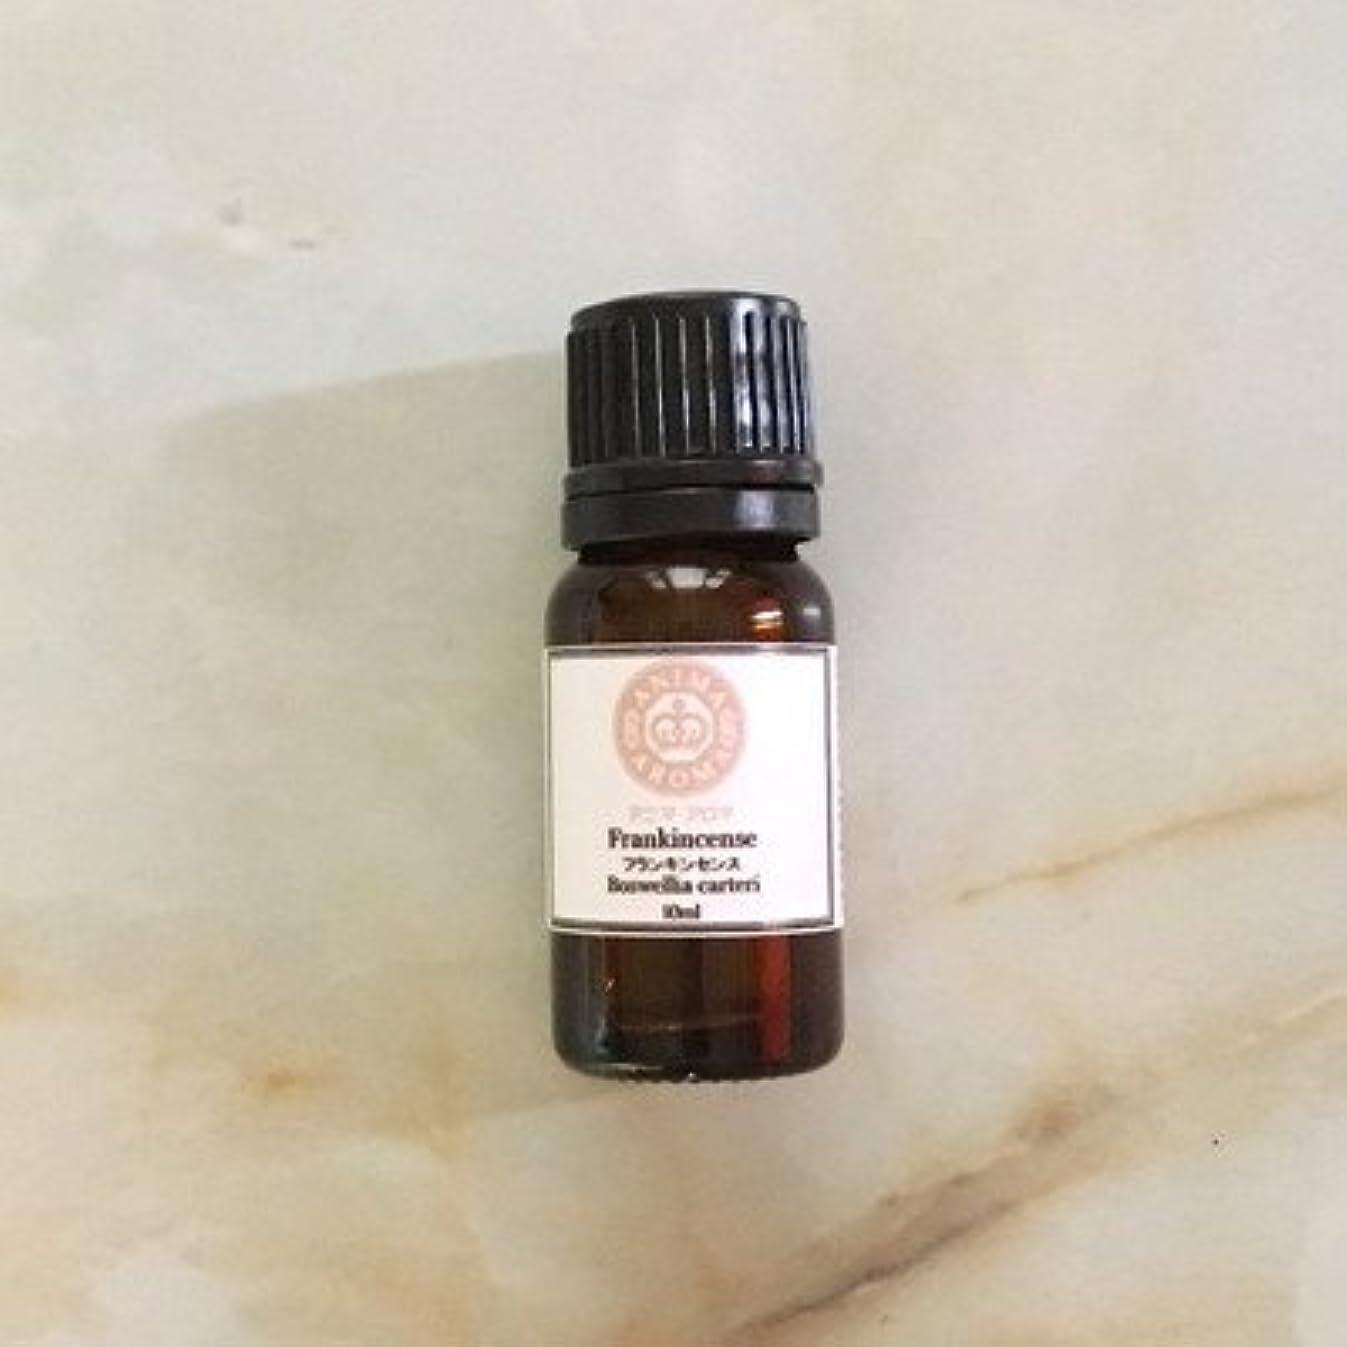 驚き母音きゅうりフランキンセンス精油(乳香) 10ml アニマ アロマ|エッセンシャルオイル